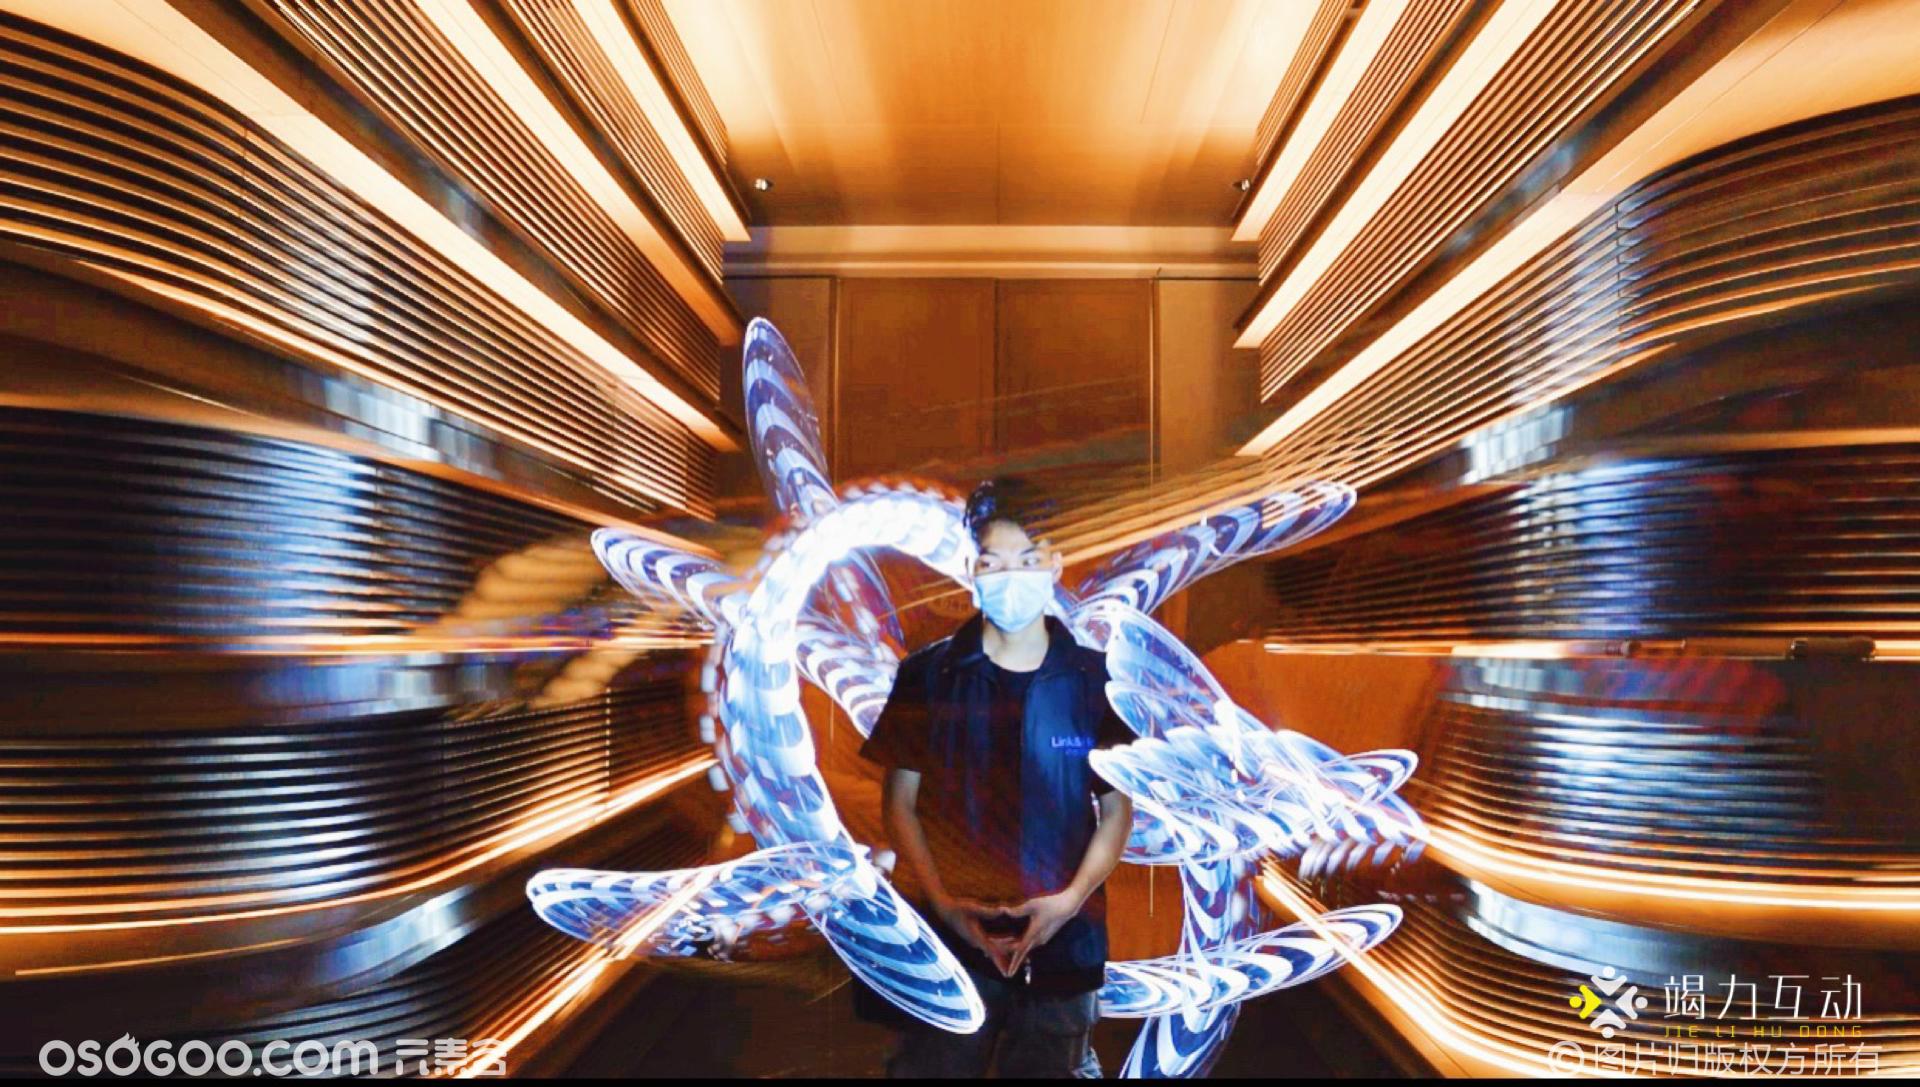 即时光绘涂鸦互动拍照装置光的艺术